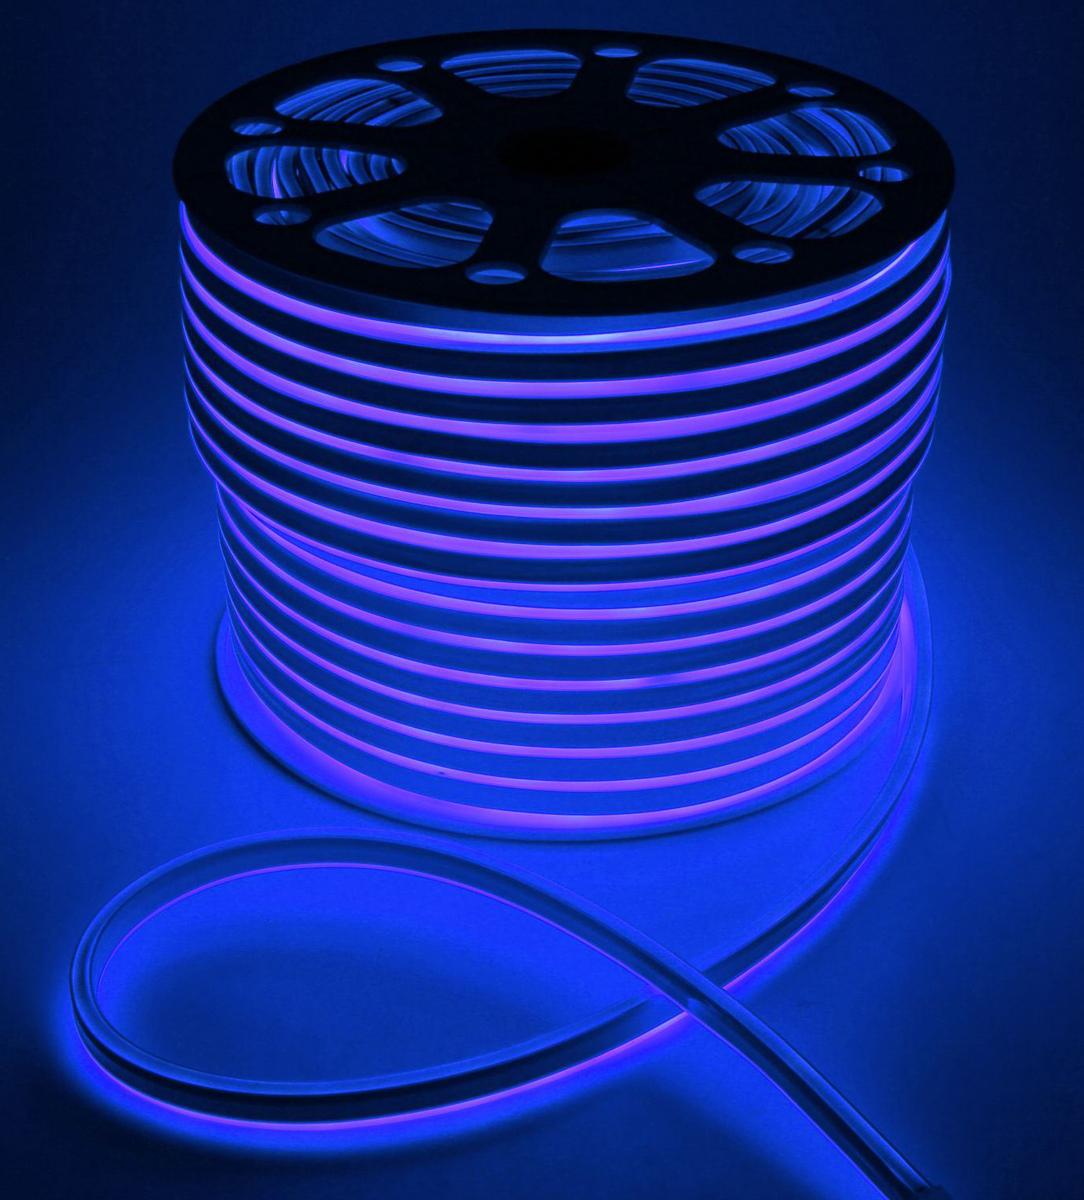 Гирлянда светодиодная  Luazon , 120 ламп, 220 V, цвет: синий, 0,8 см х 1,6 см х 100 м. 1431272 -  Гирлянды и светильники